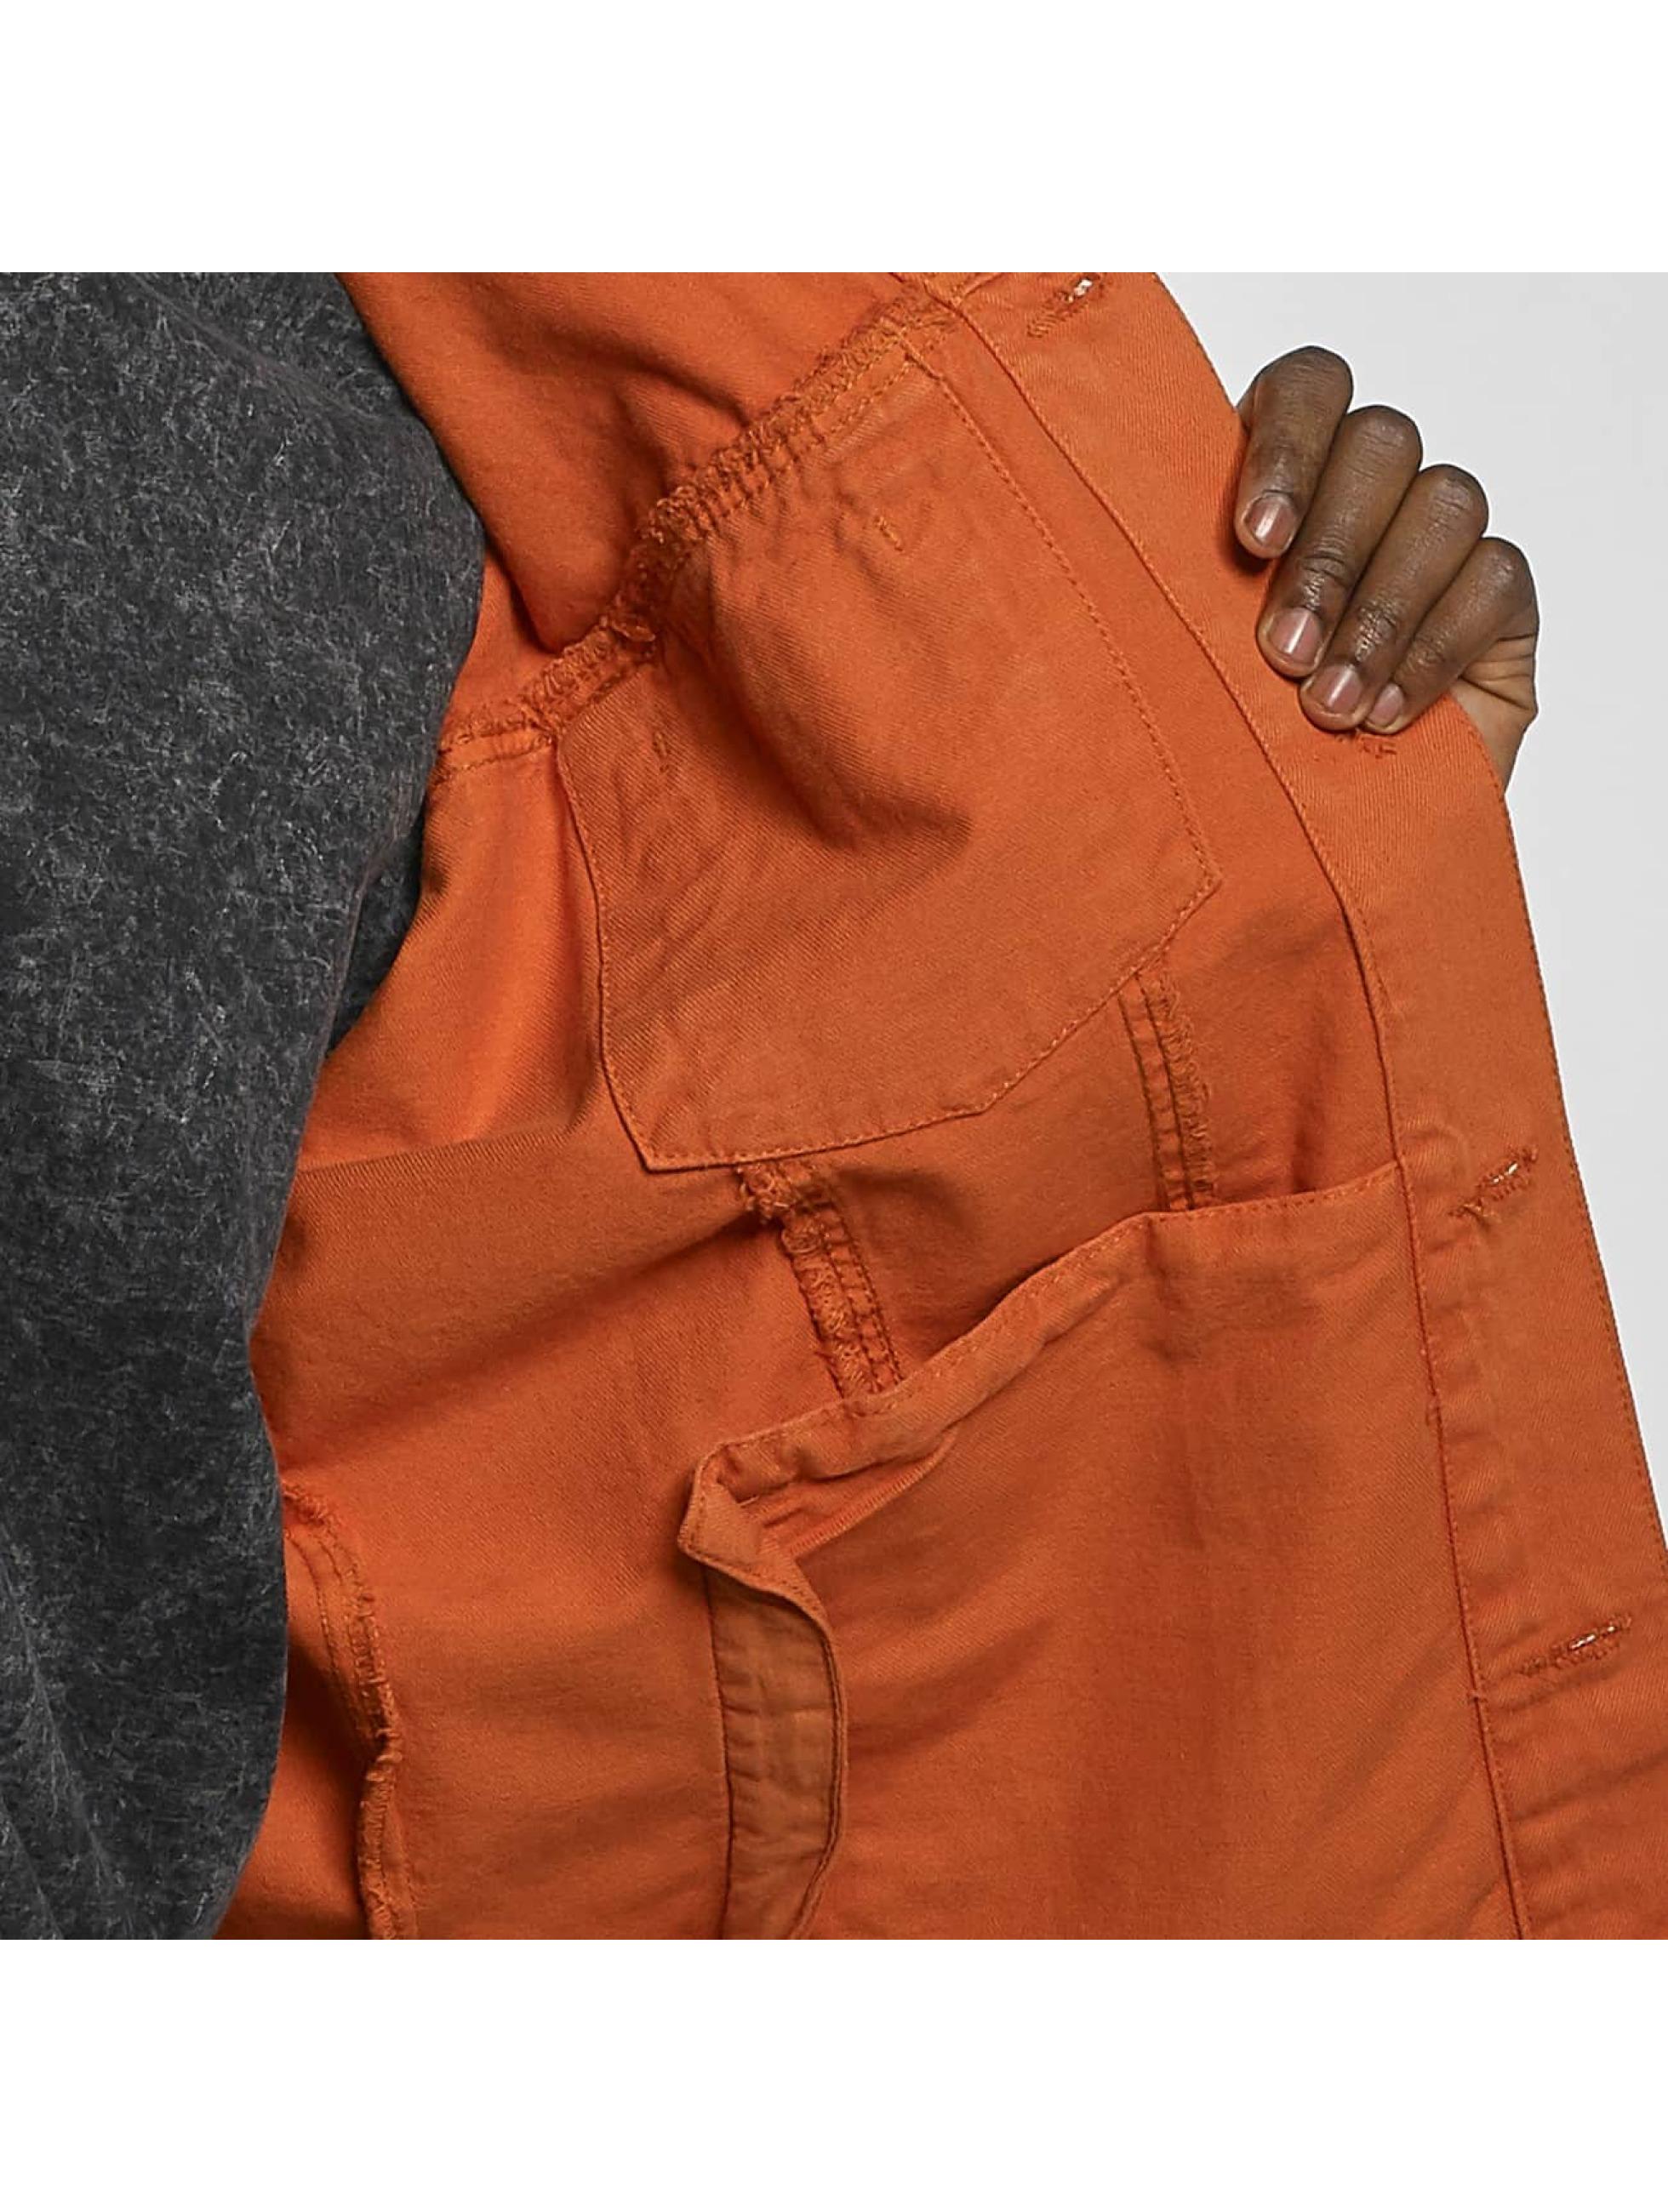 Urban Classics Kurtki przejściowe Garment Dye Oversize pomaranczowy